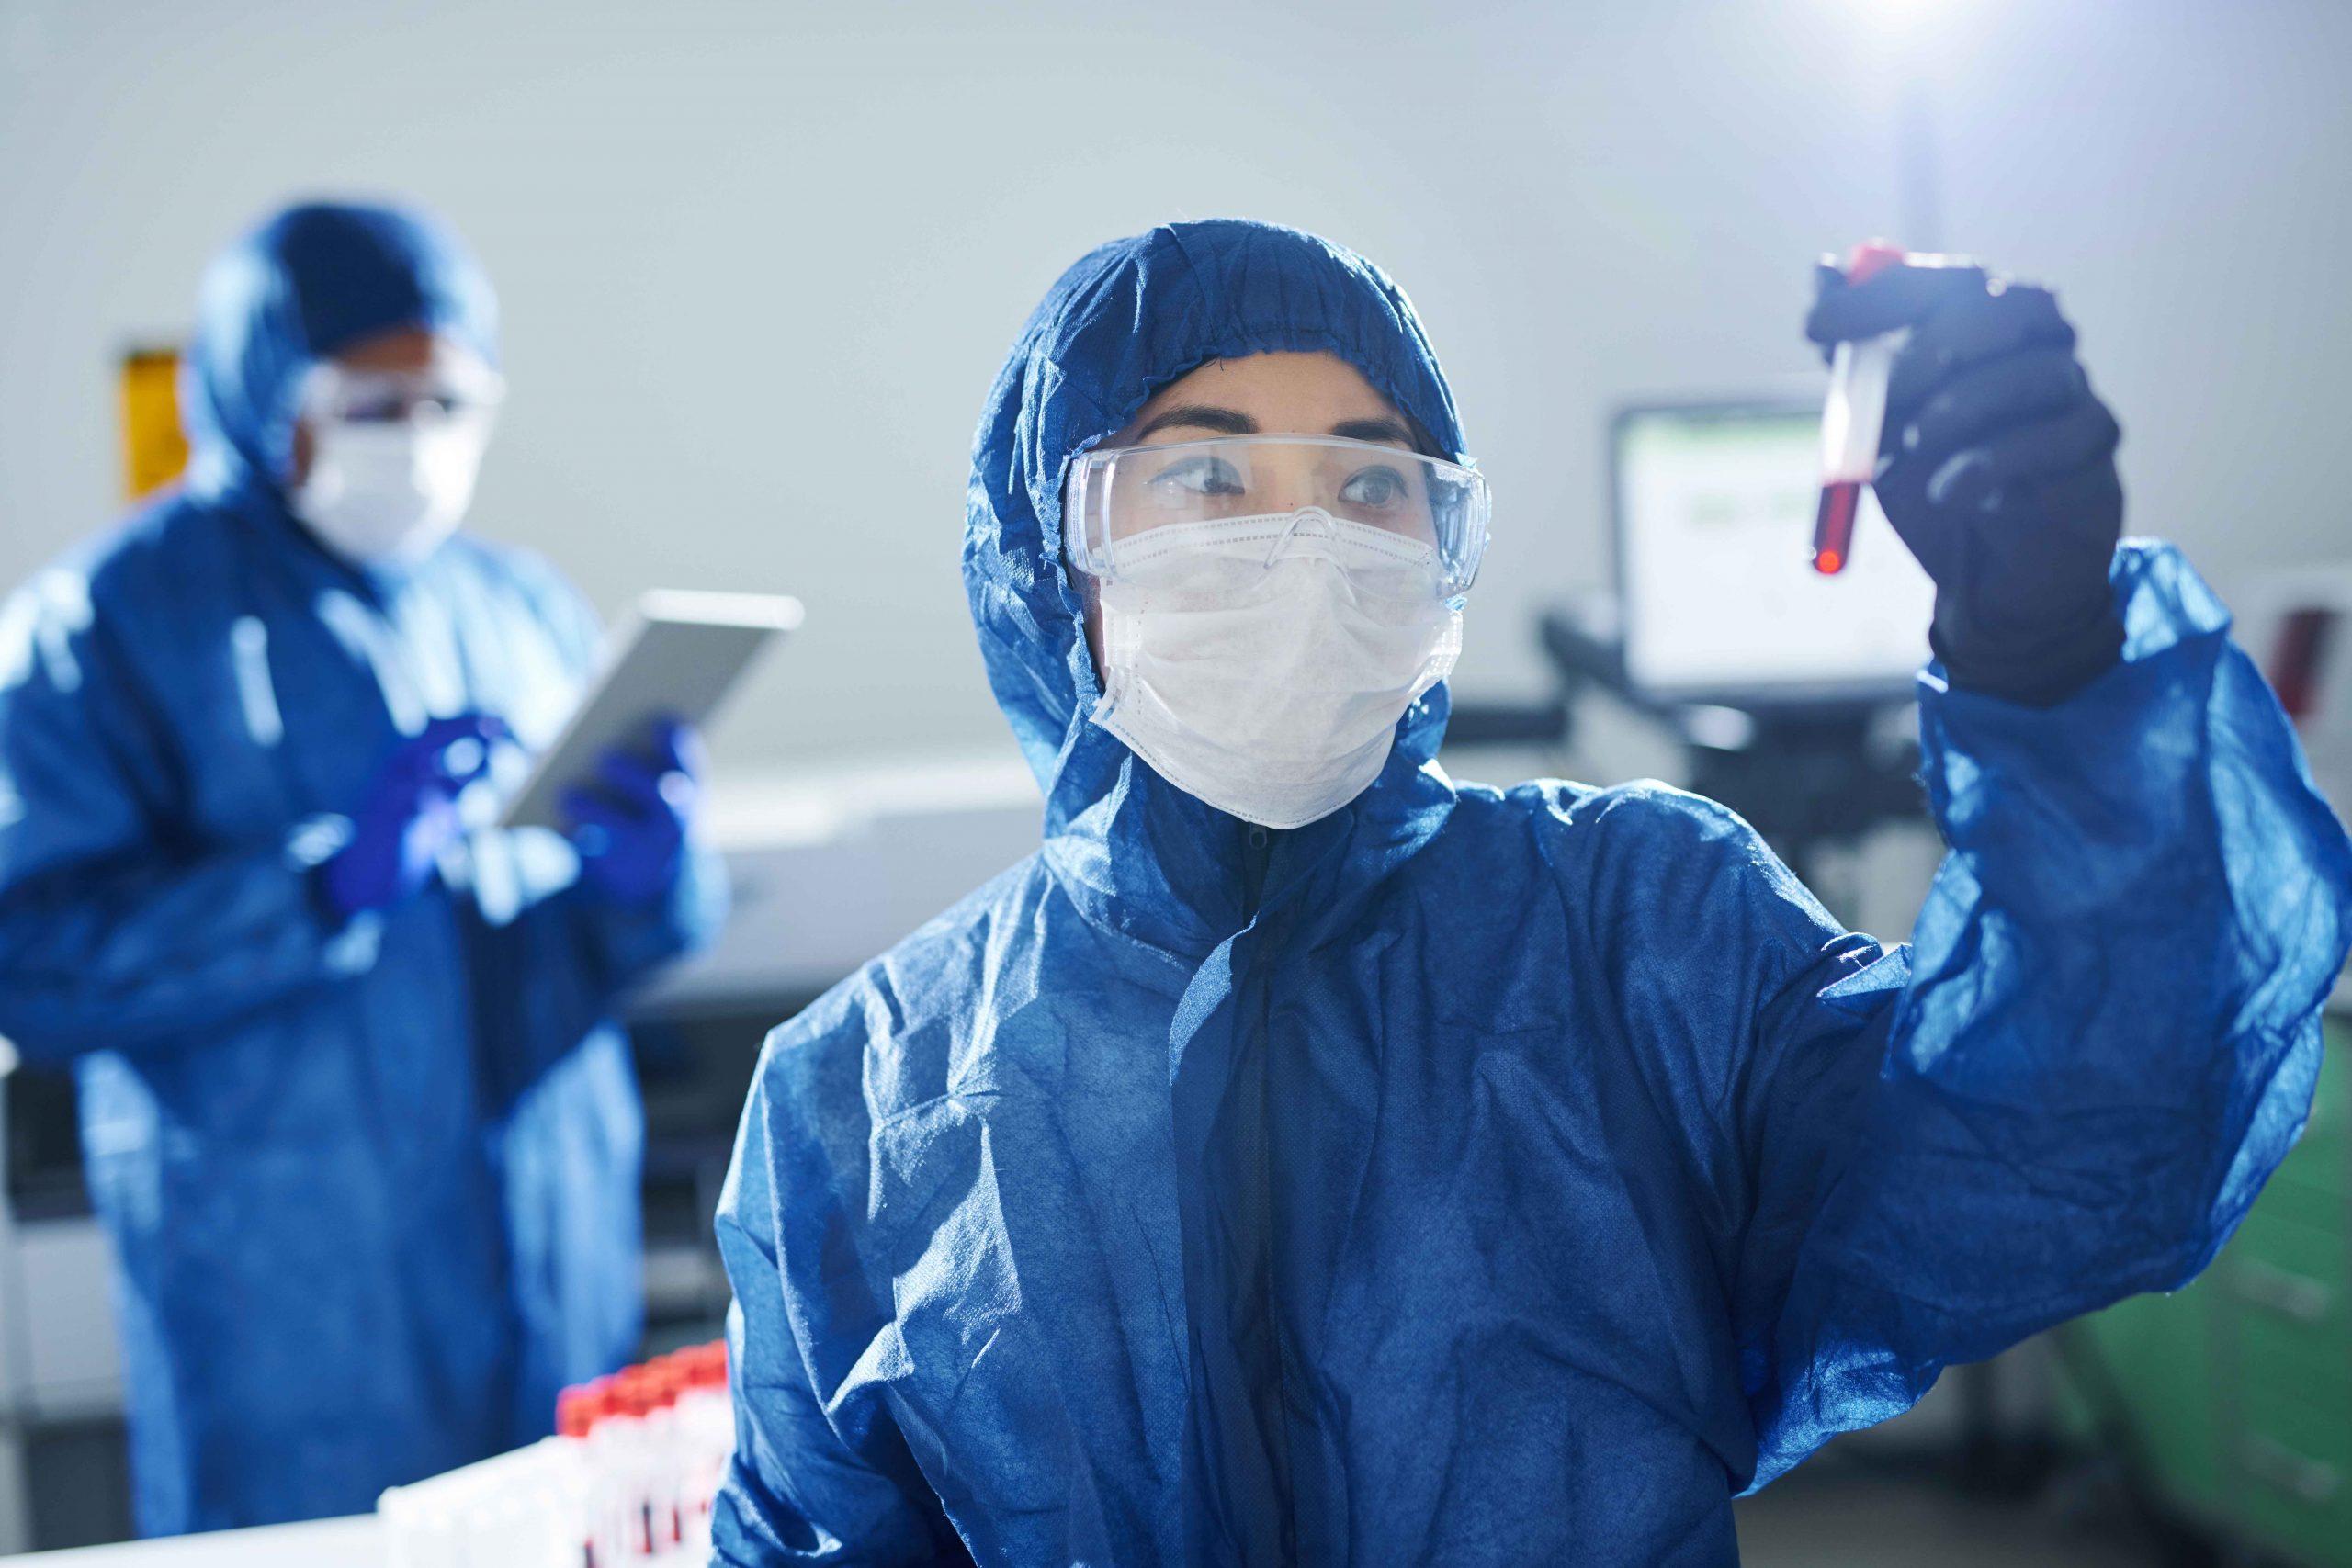 İş-Sağlığı-ve-Güvenliği-Konusunda-İşverenin-ve-Çalışanın-Yükümlülükleri